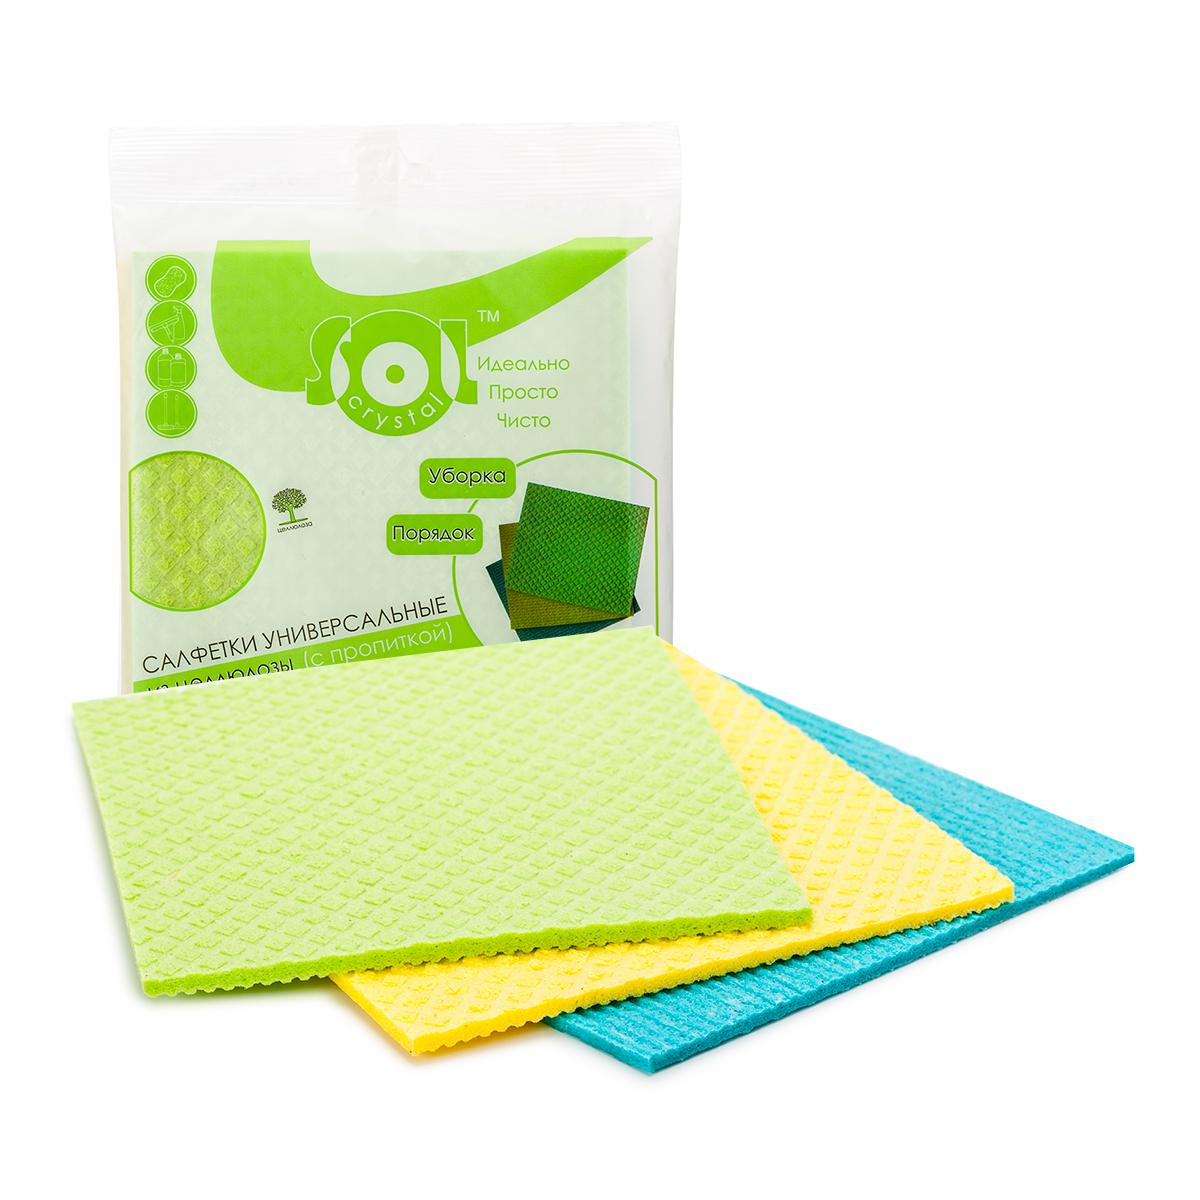 Салфетка для уборки Sol Crystal Cale, 18 x 20 см, 3 шт. 20002531-105Состав: 70% целлюлоза, 30% хлопок; цвет: желтый, голубой, зеленый